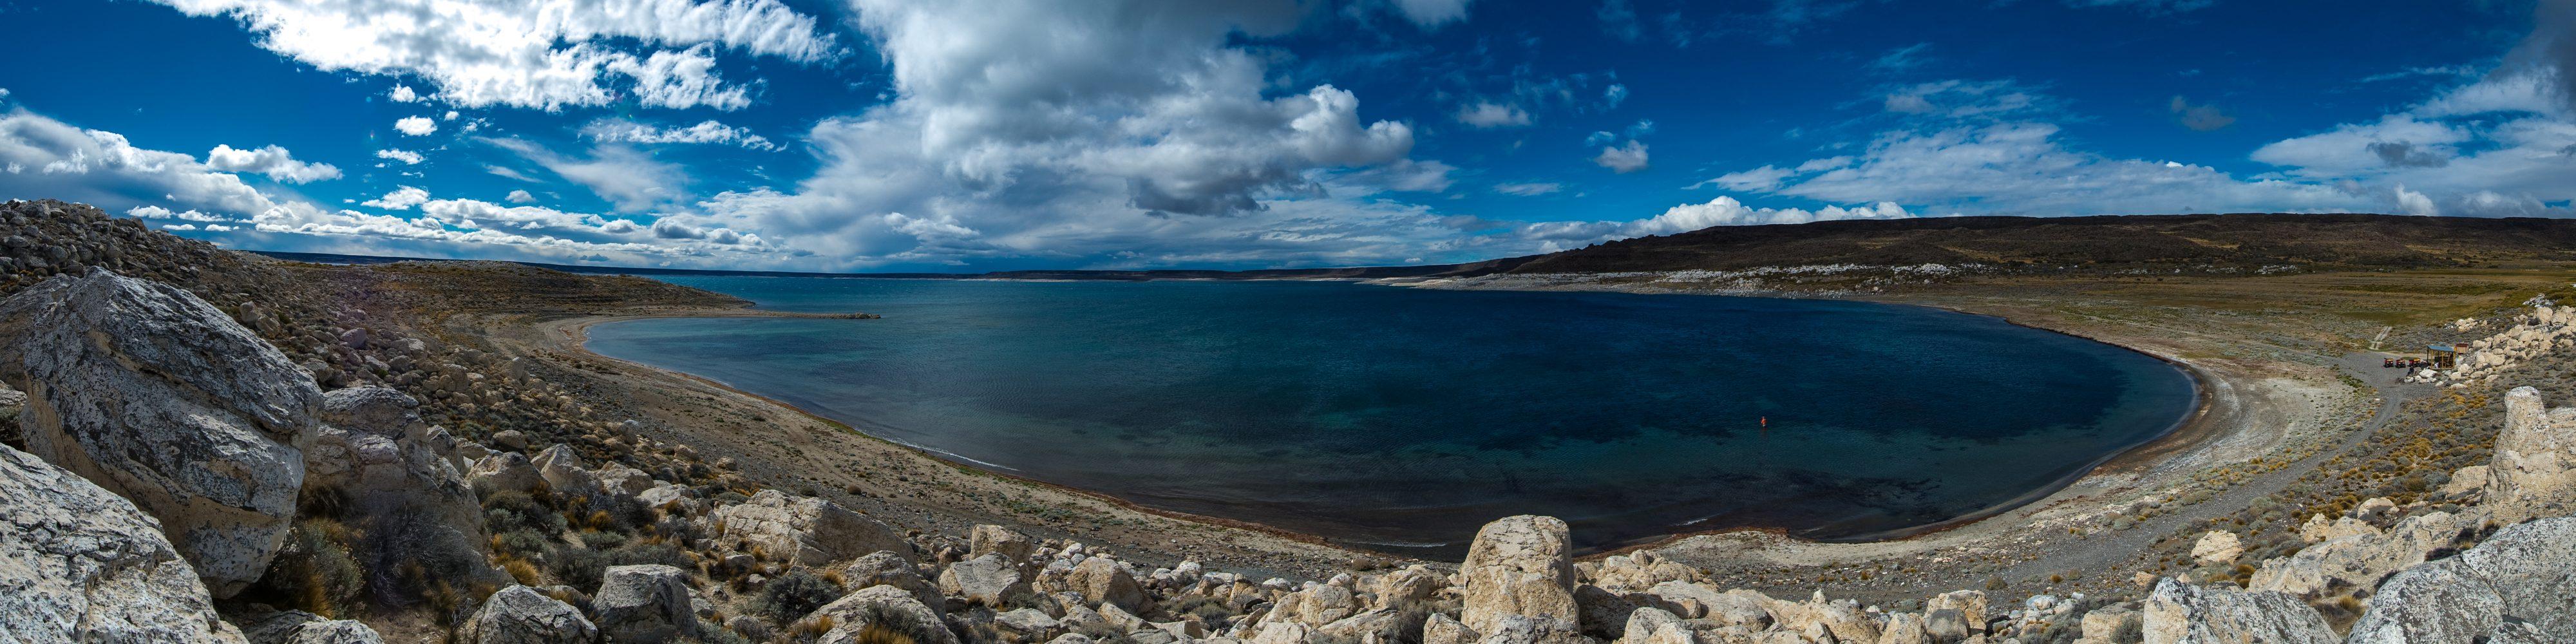 Jurassic Lake - Estancia Laguna Verde